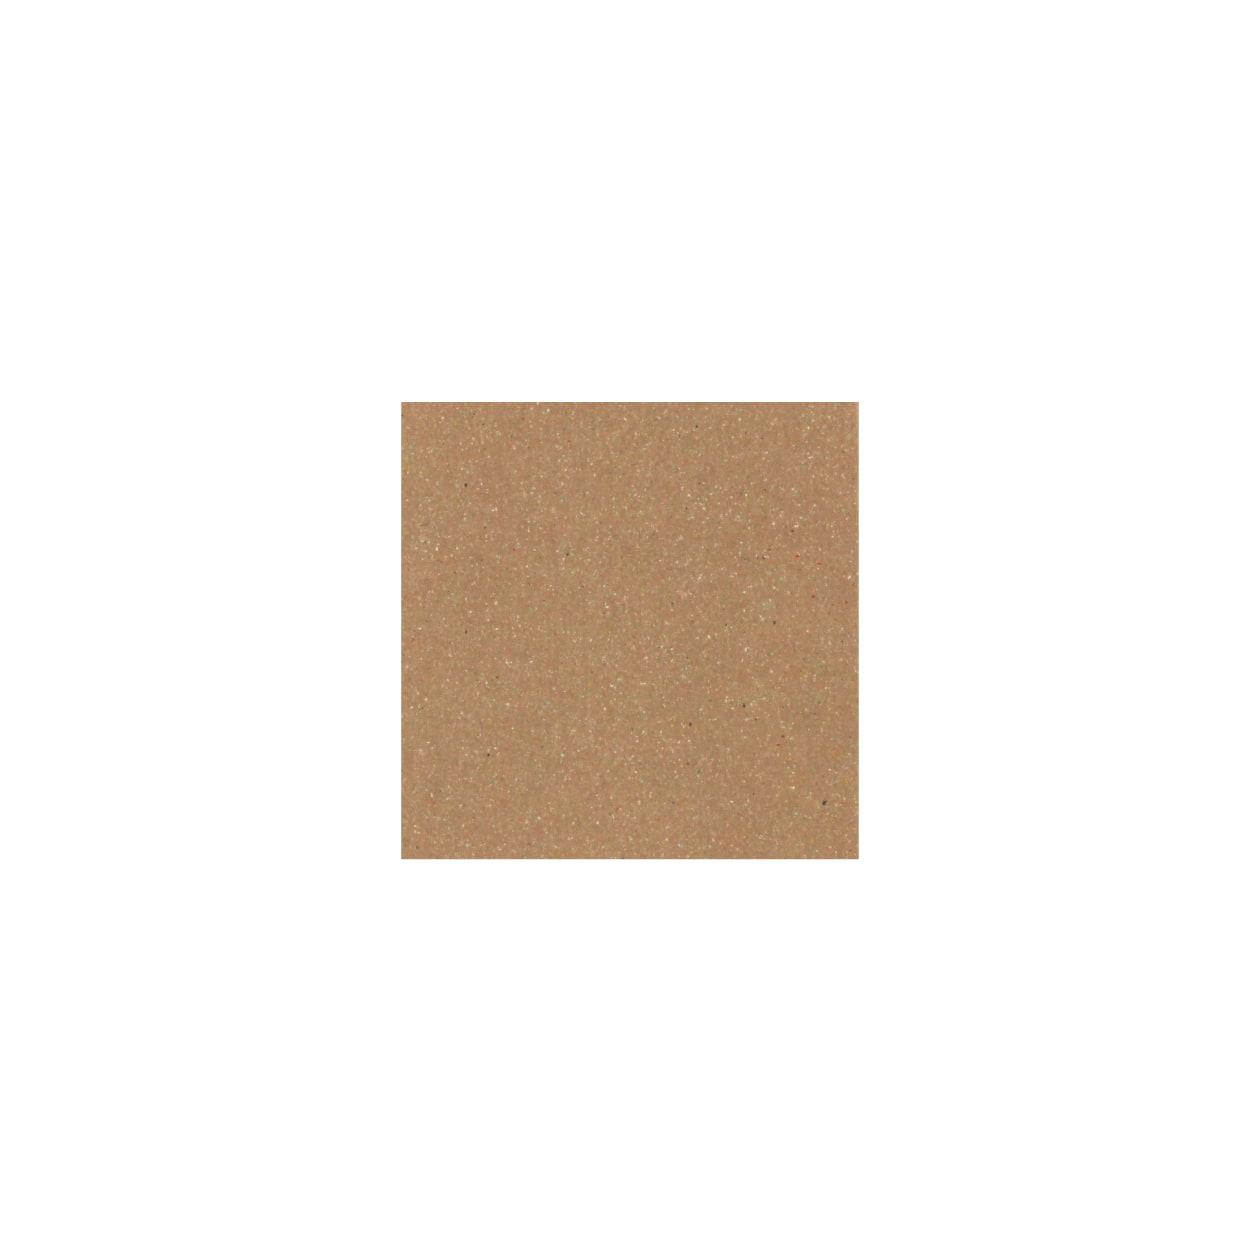 サンプル カード・シート 00018